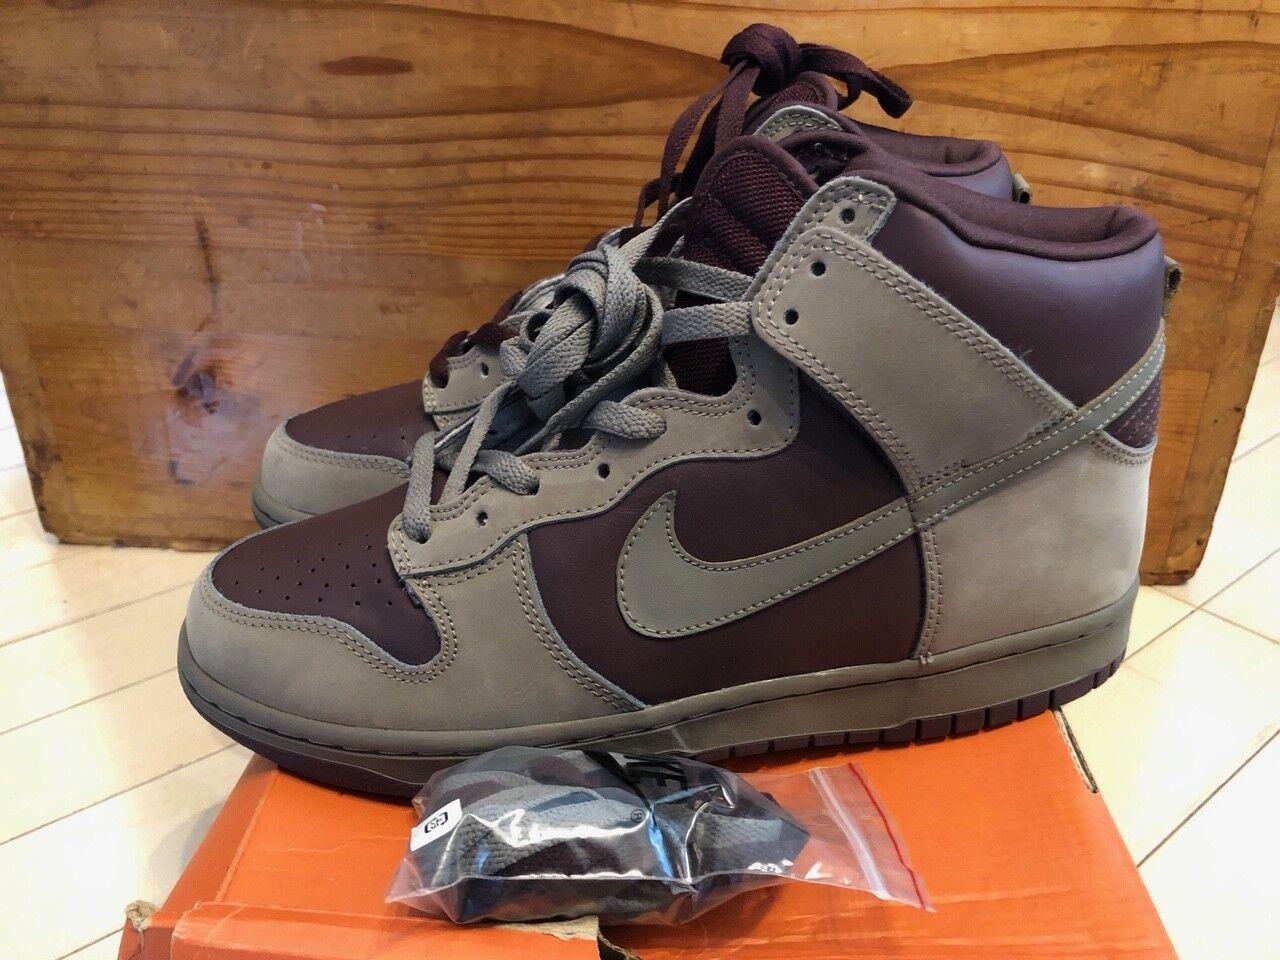 192f6350b00c1 2003 Nike Dunk High Iron Iron Iron Grey Mahogany size 10 593c85 ...